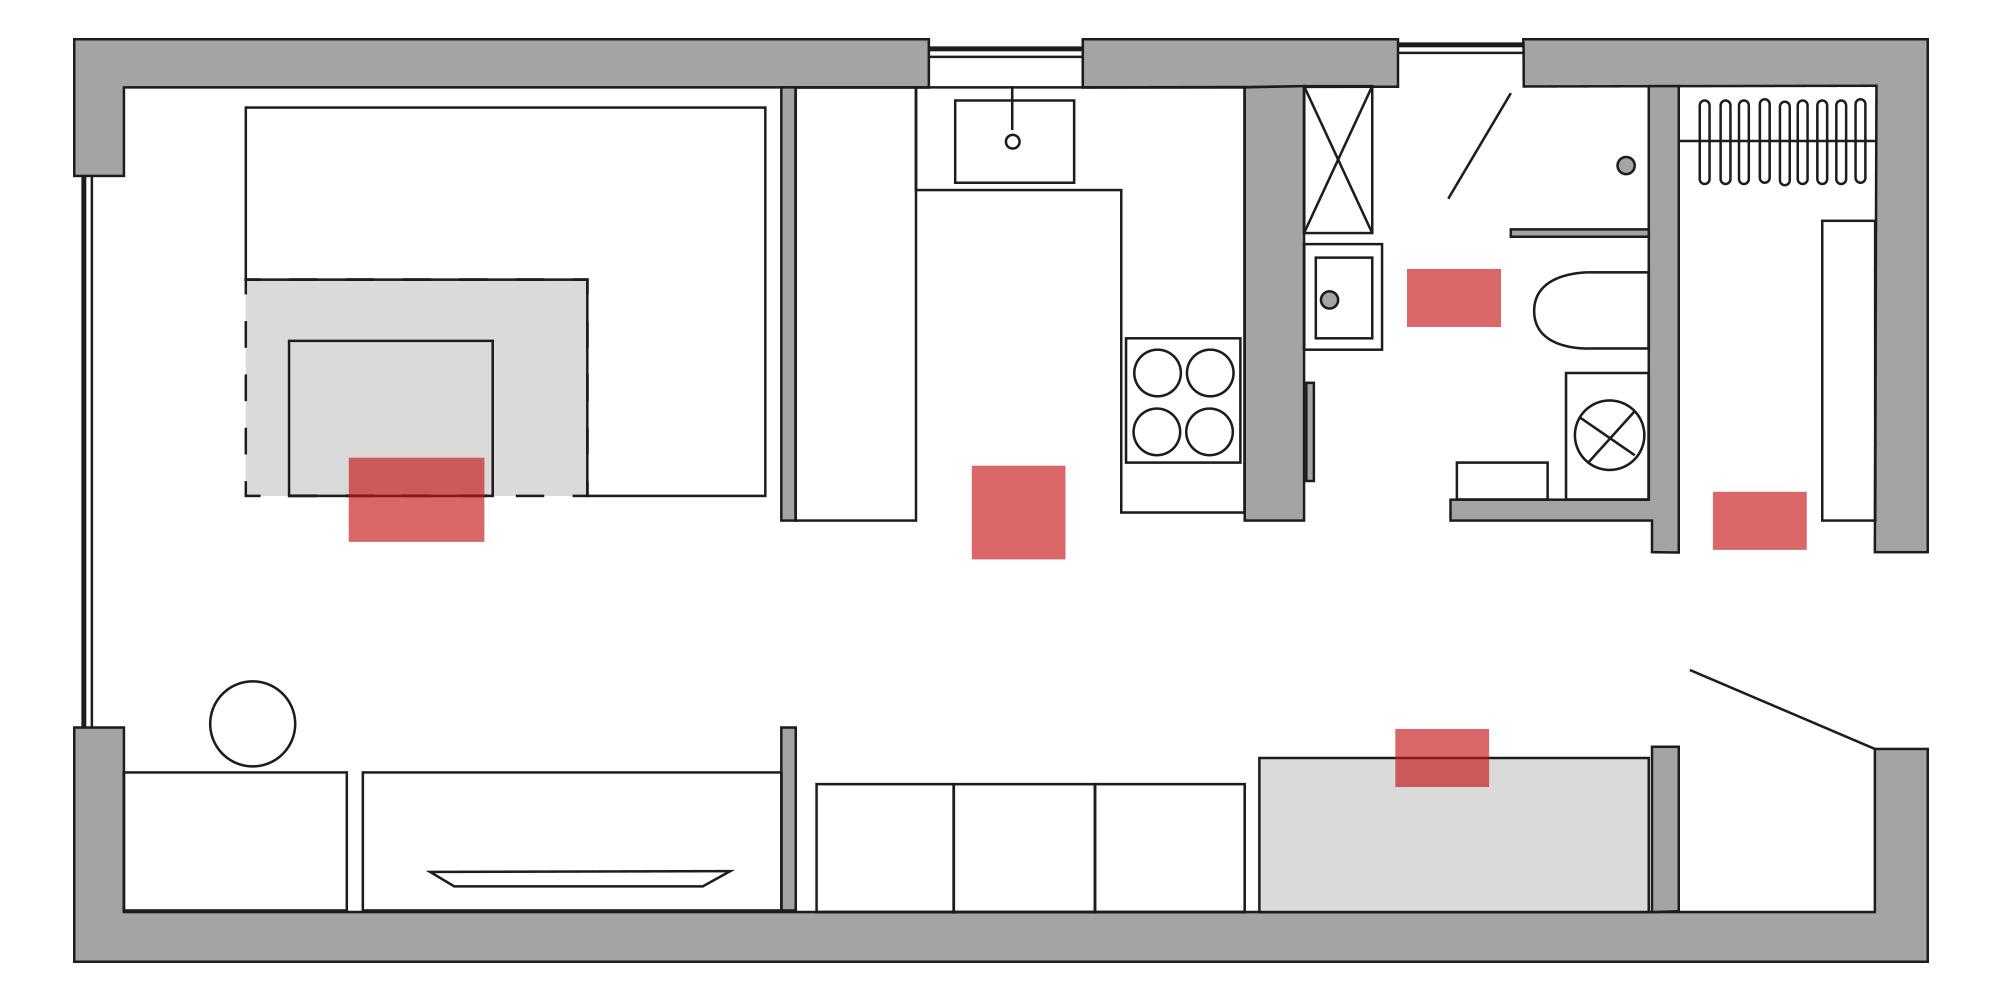 Infrarot Tiny House Heizung Verteilung bei guter Dämmung